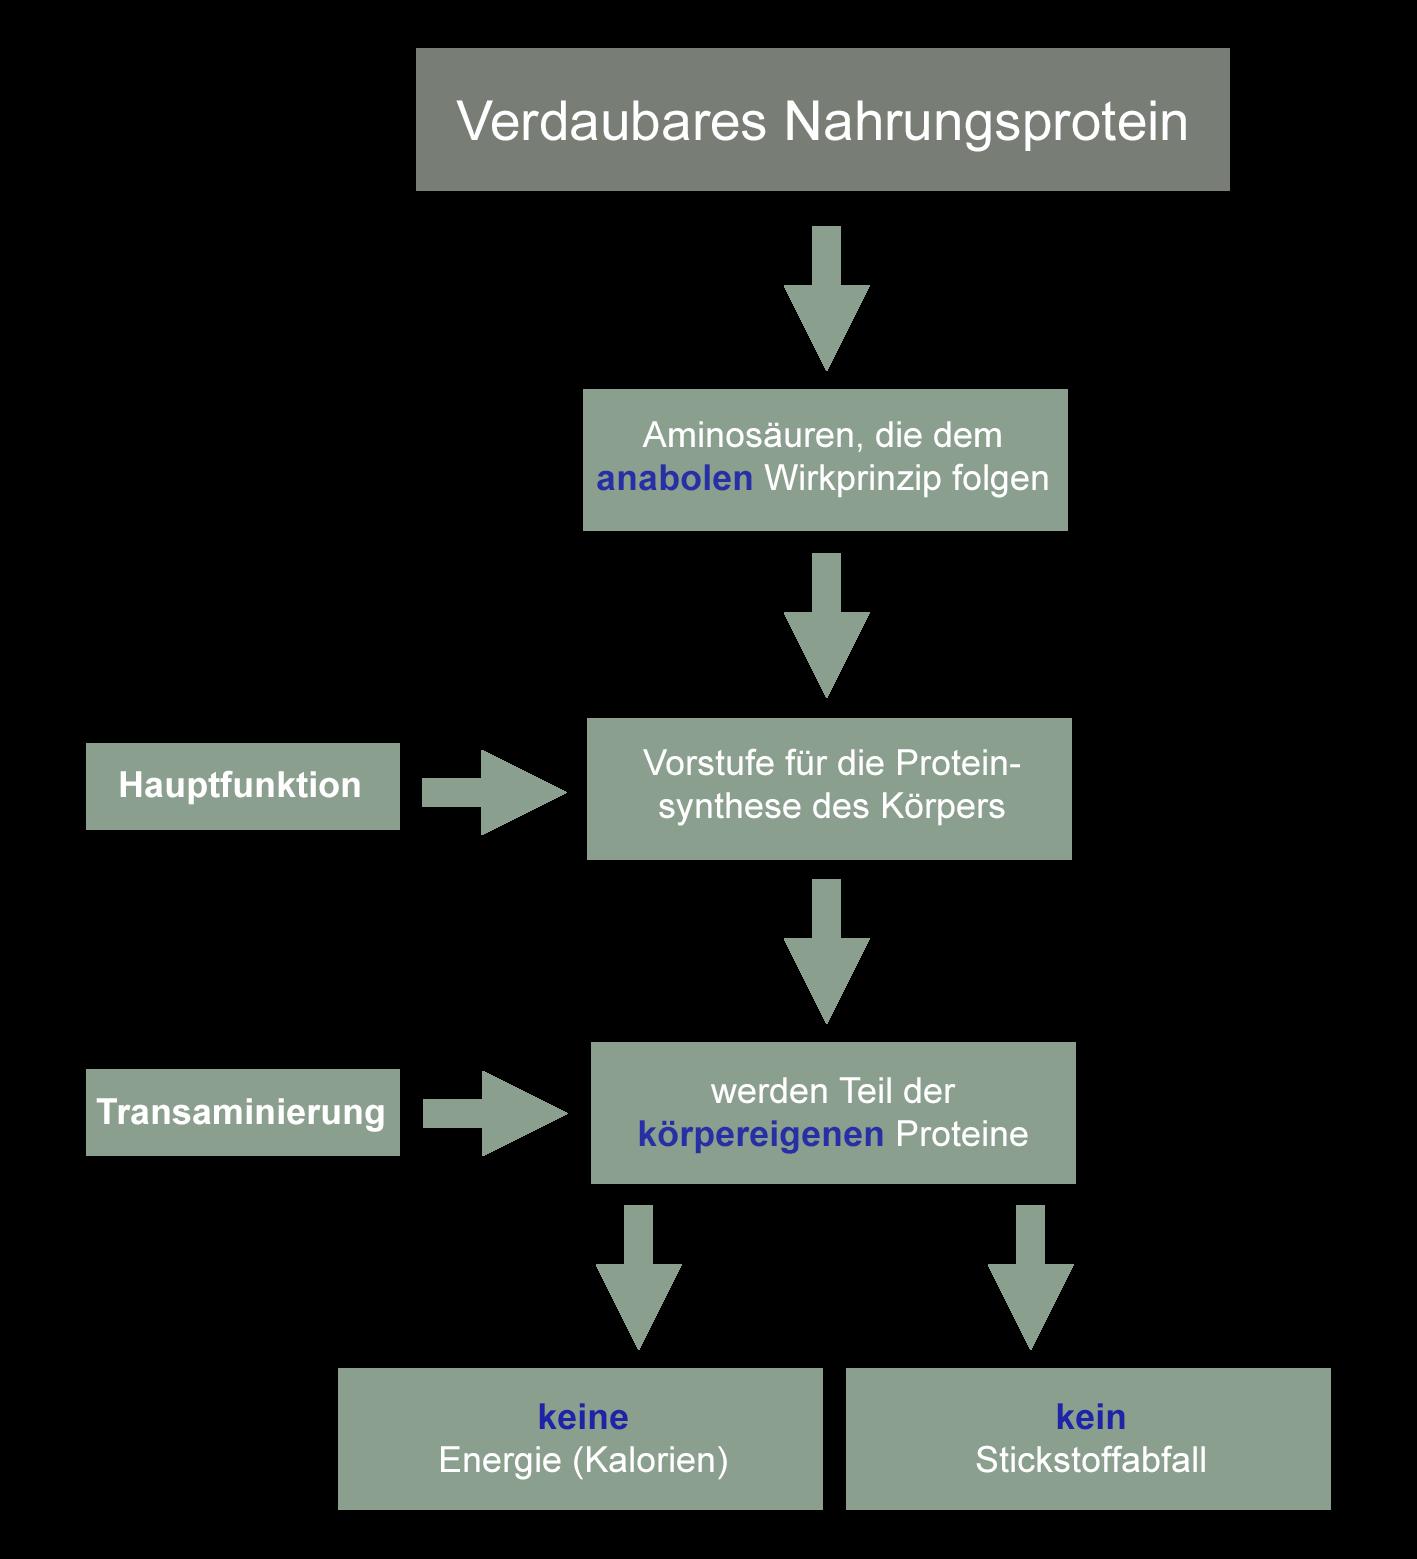 Verdaubares Nahrungsprotein